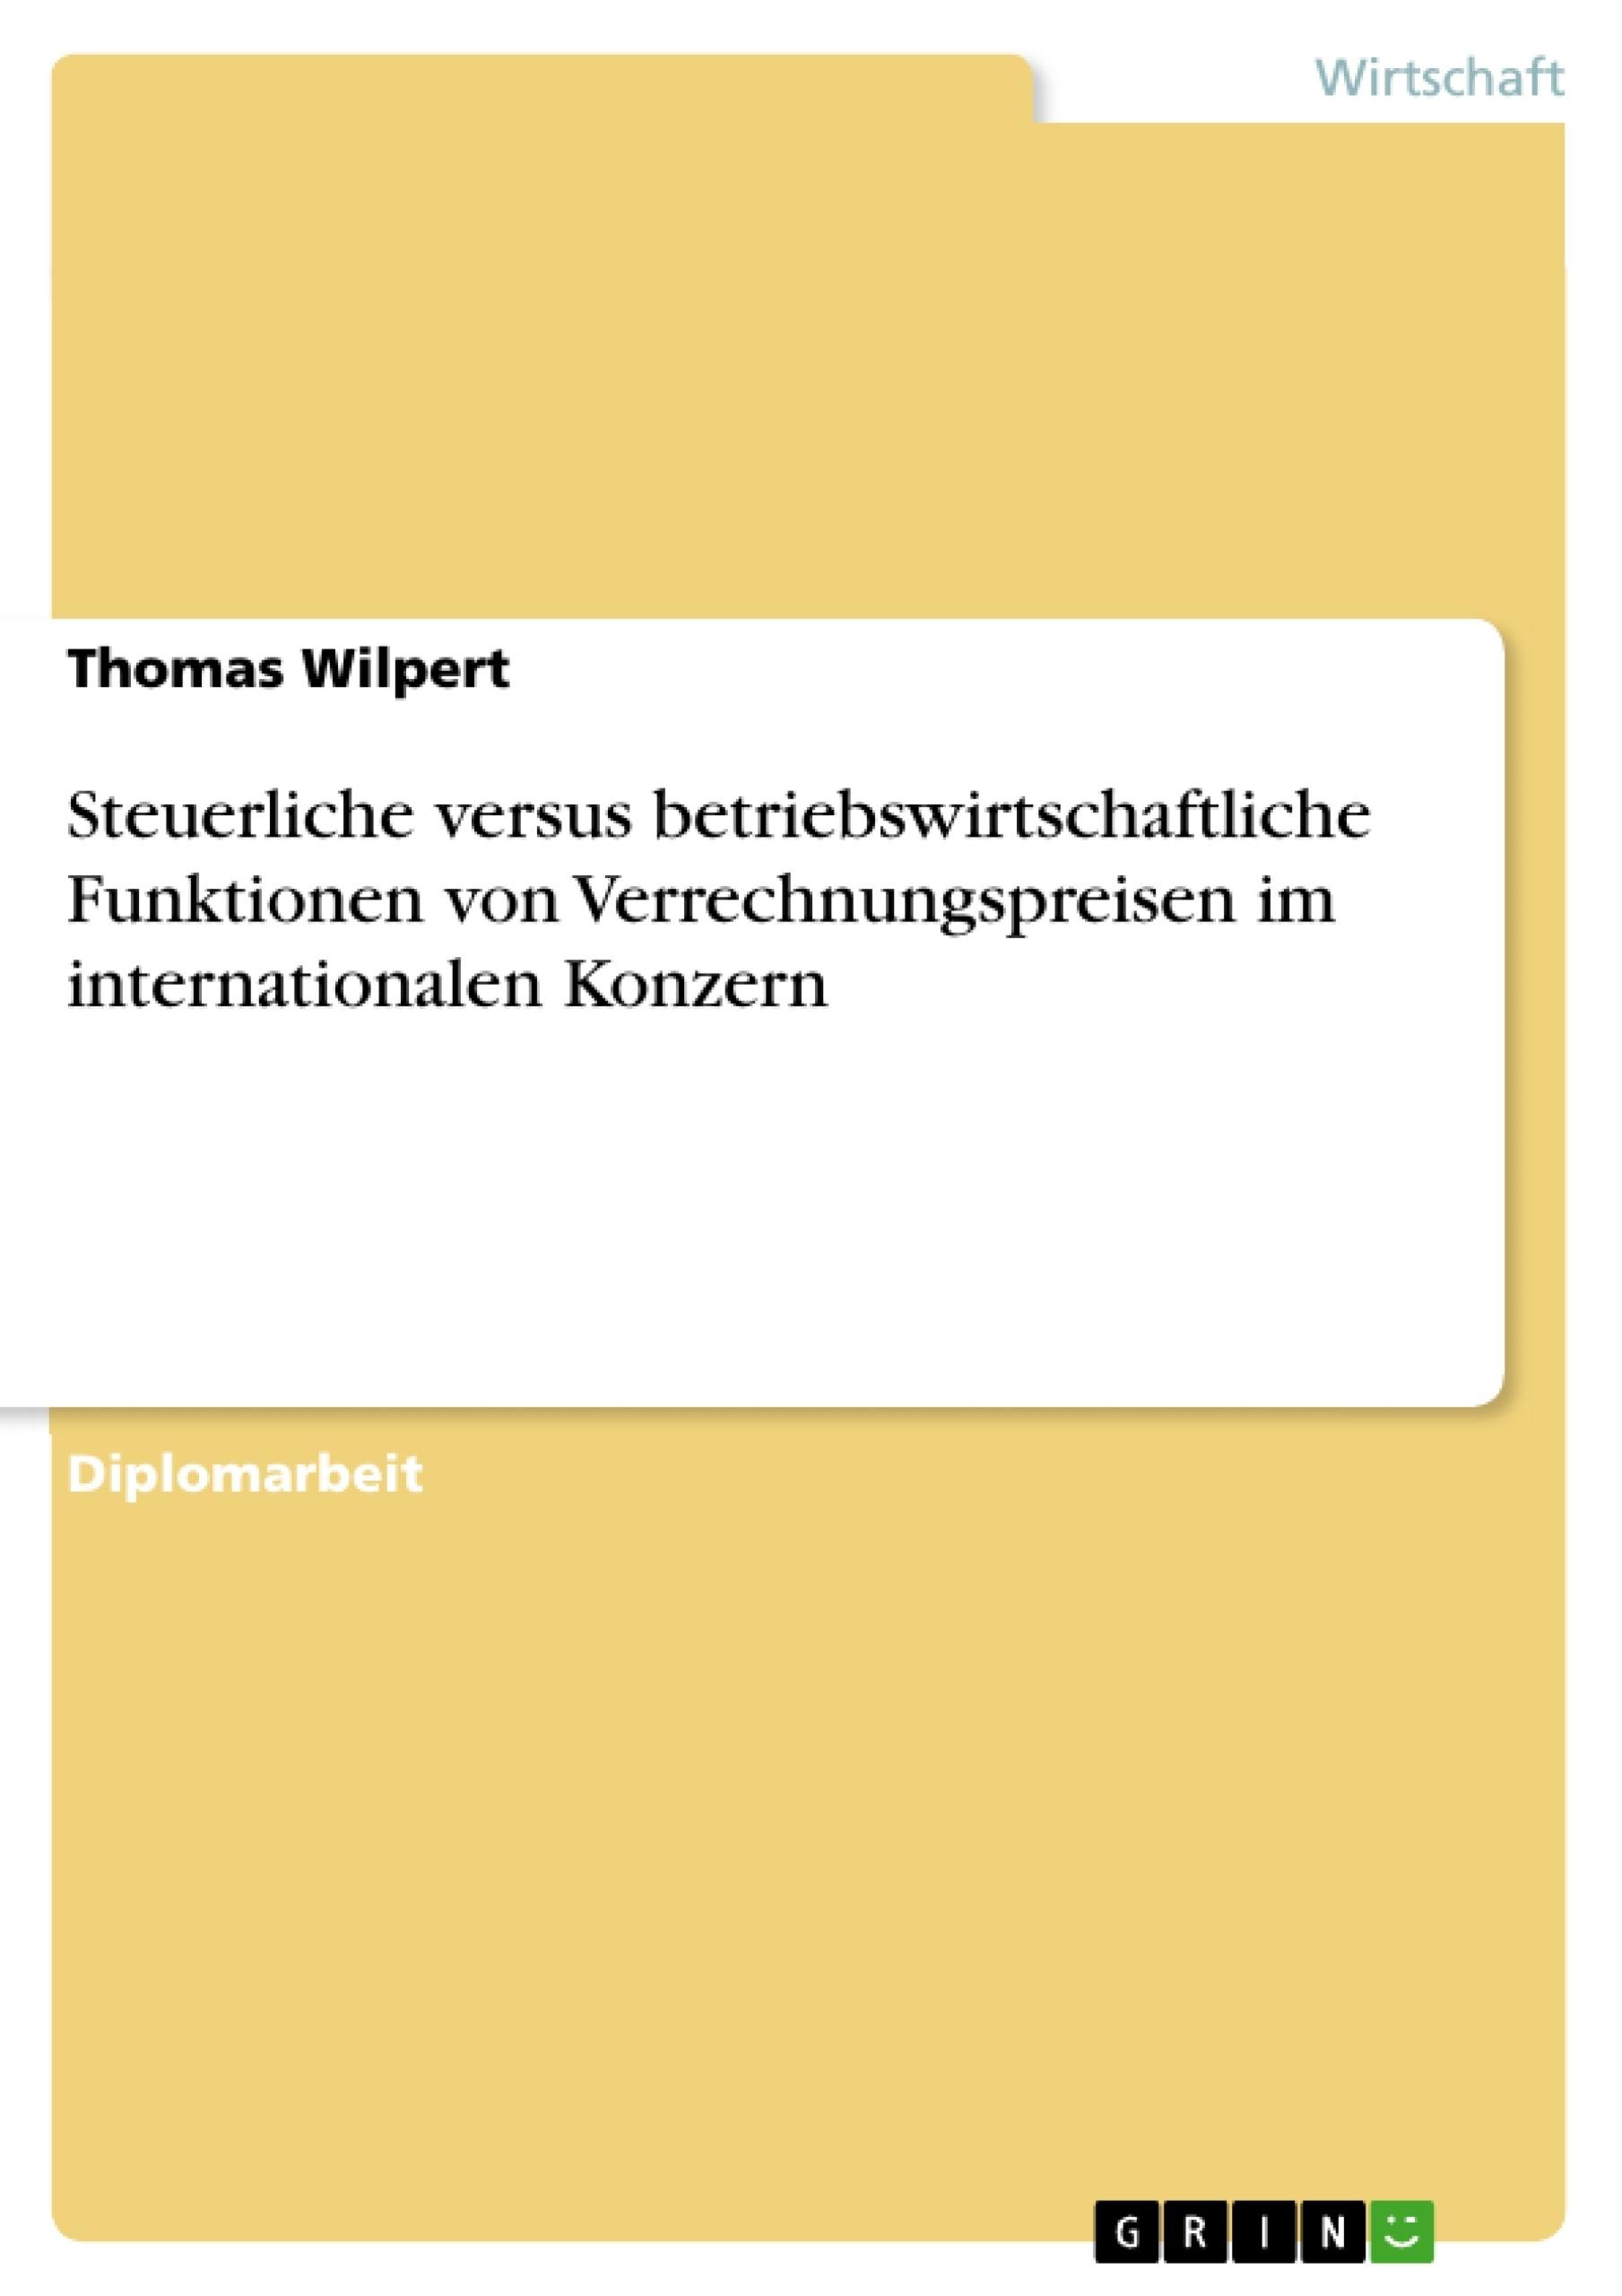 Titel: Steuerliche versus betriebswirtschaftliche Funktionen von Verrechnungspreisen im internationalen Konzern